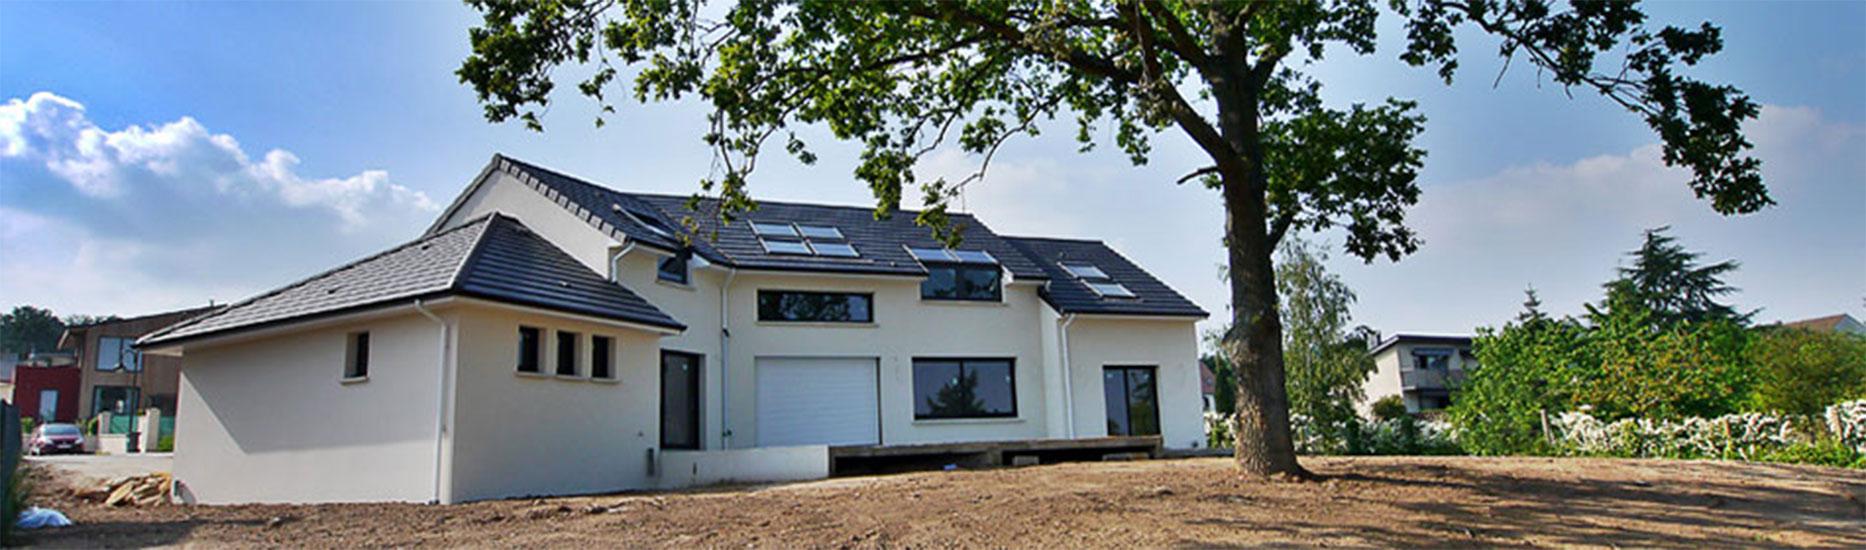 maison bioclimatique sur mesure